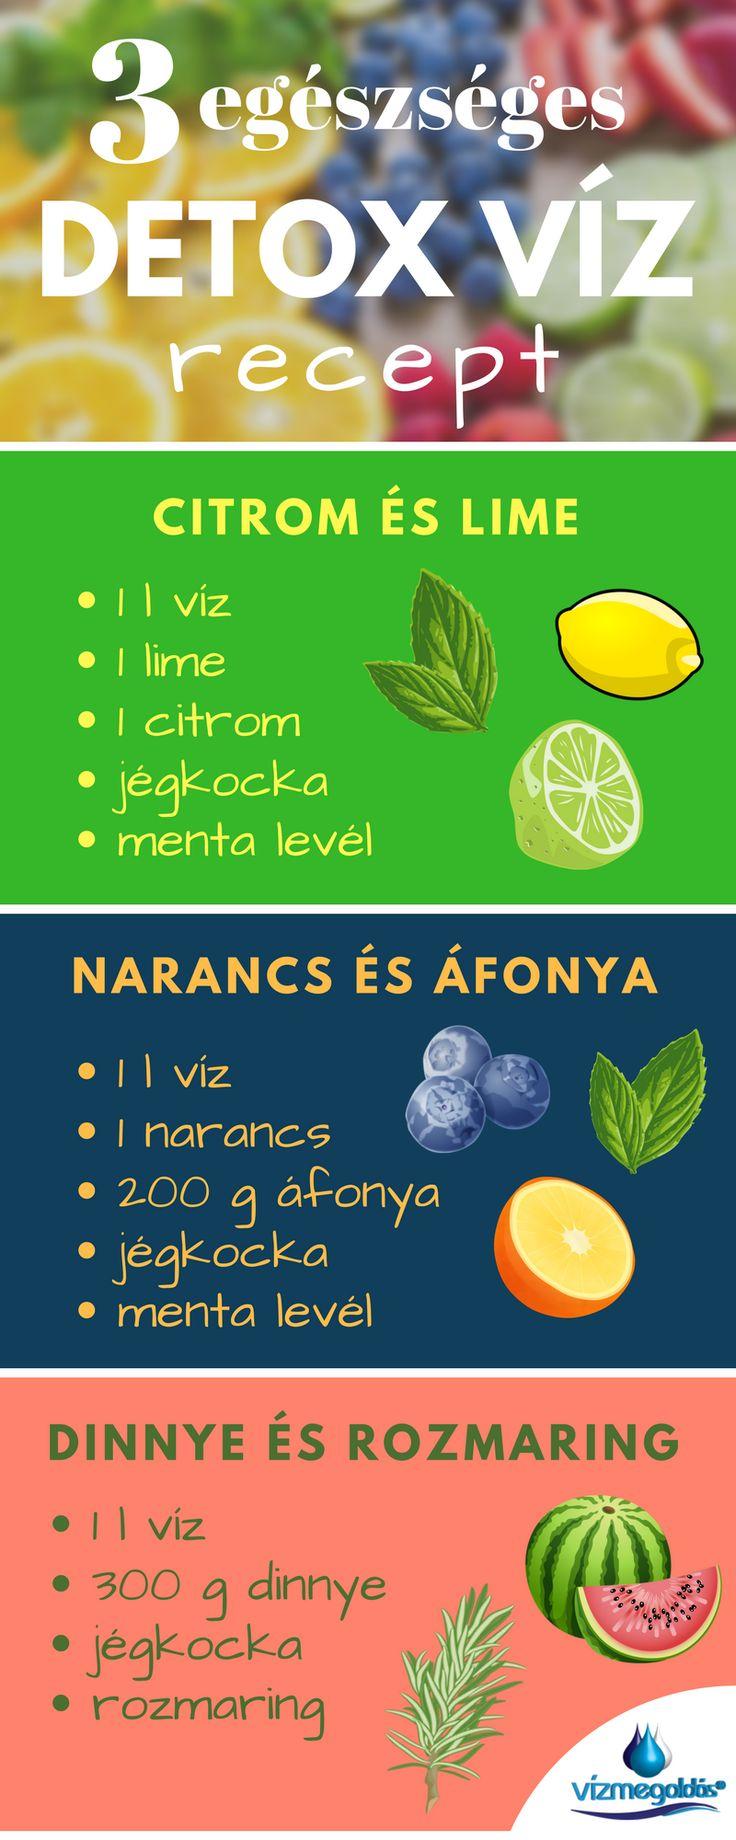 Detox víz receptek - további egészséges receptekért, látogass el a weboldalunkra.